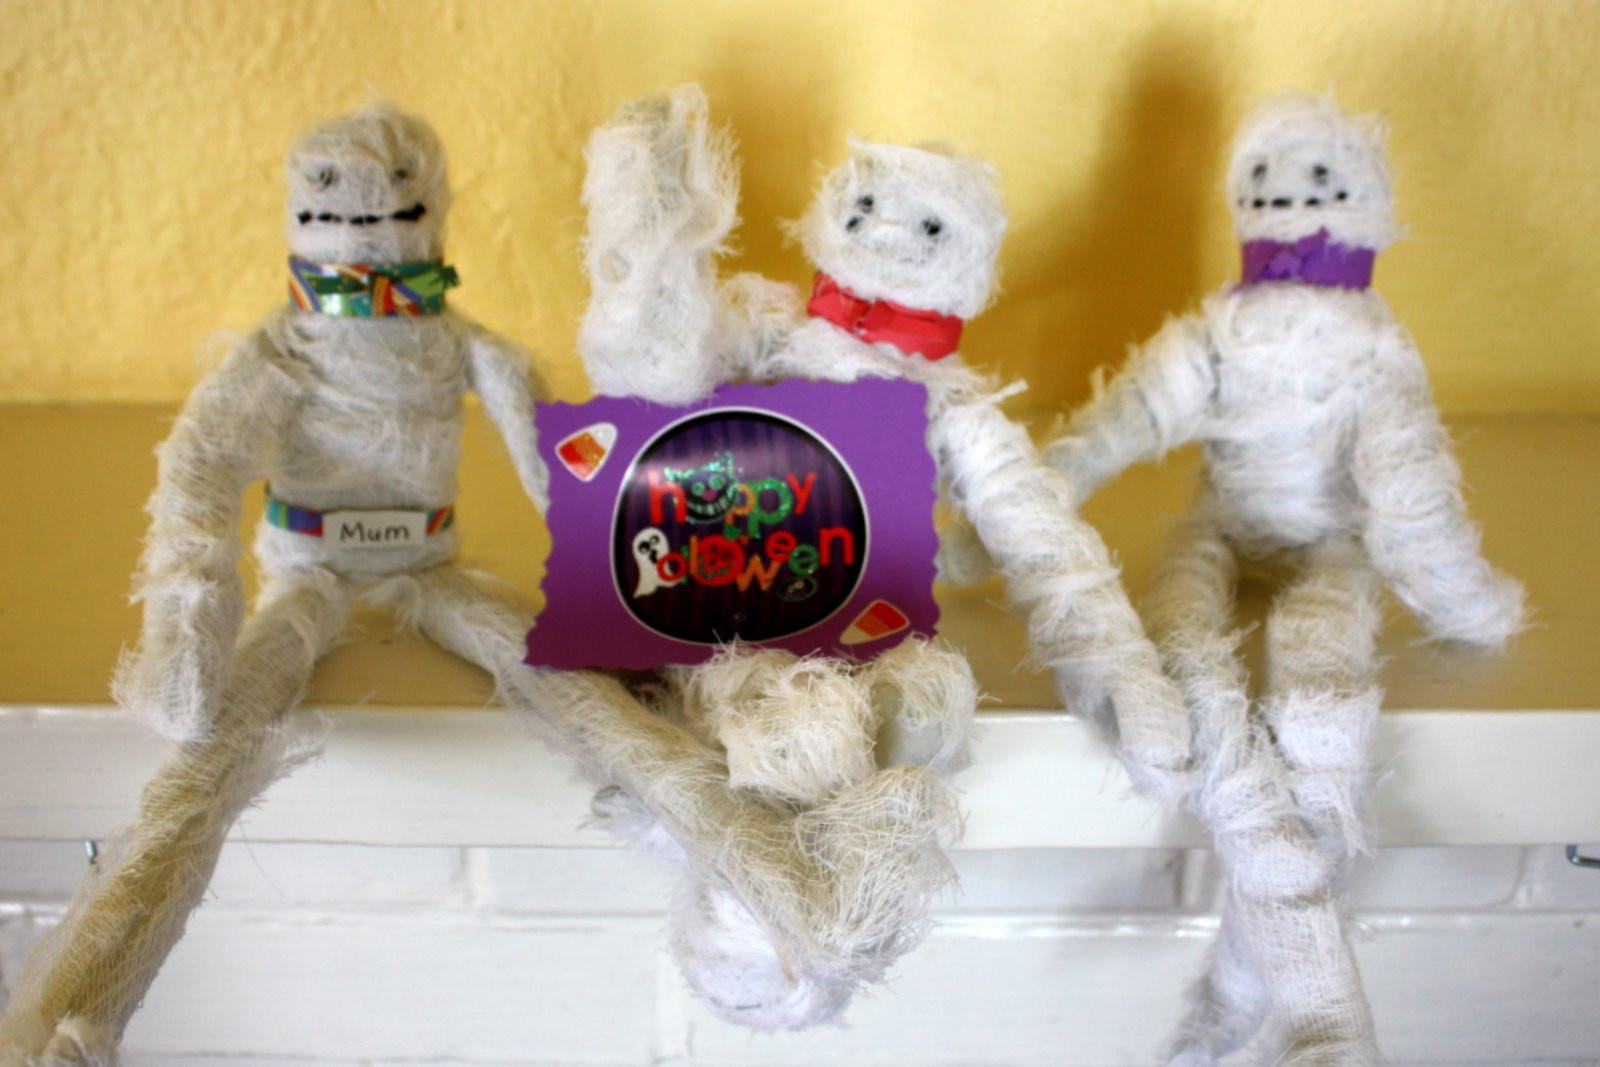 Fun Craft For Preschoolers  Fun Crafts for Preschoolers Halloween Craft Mummies